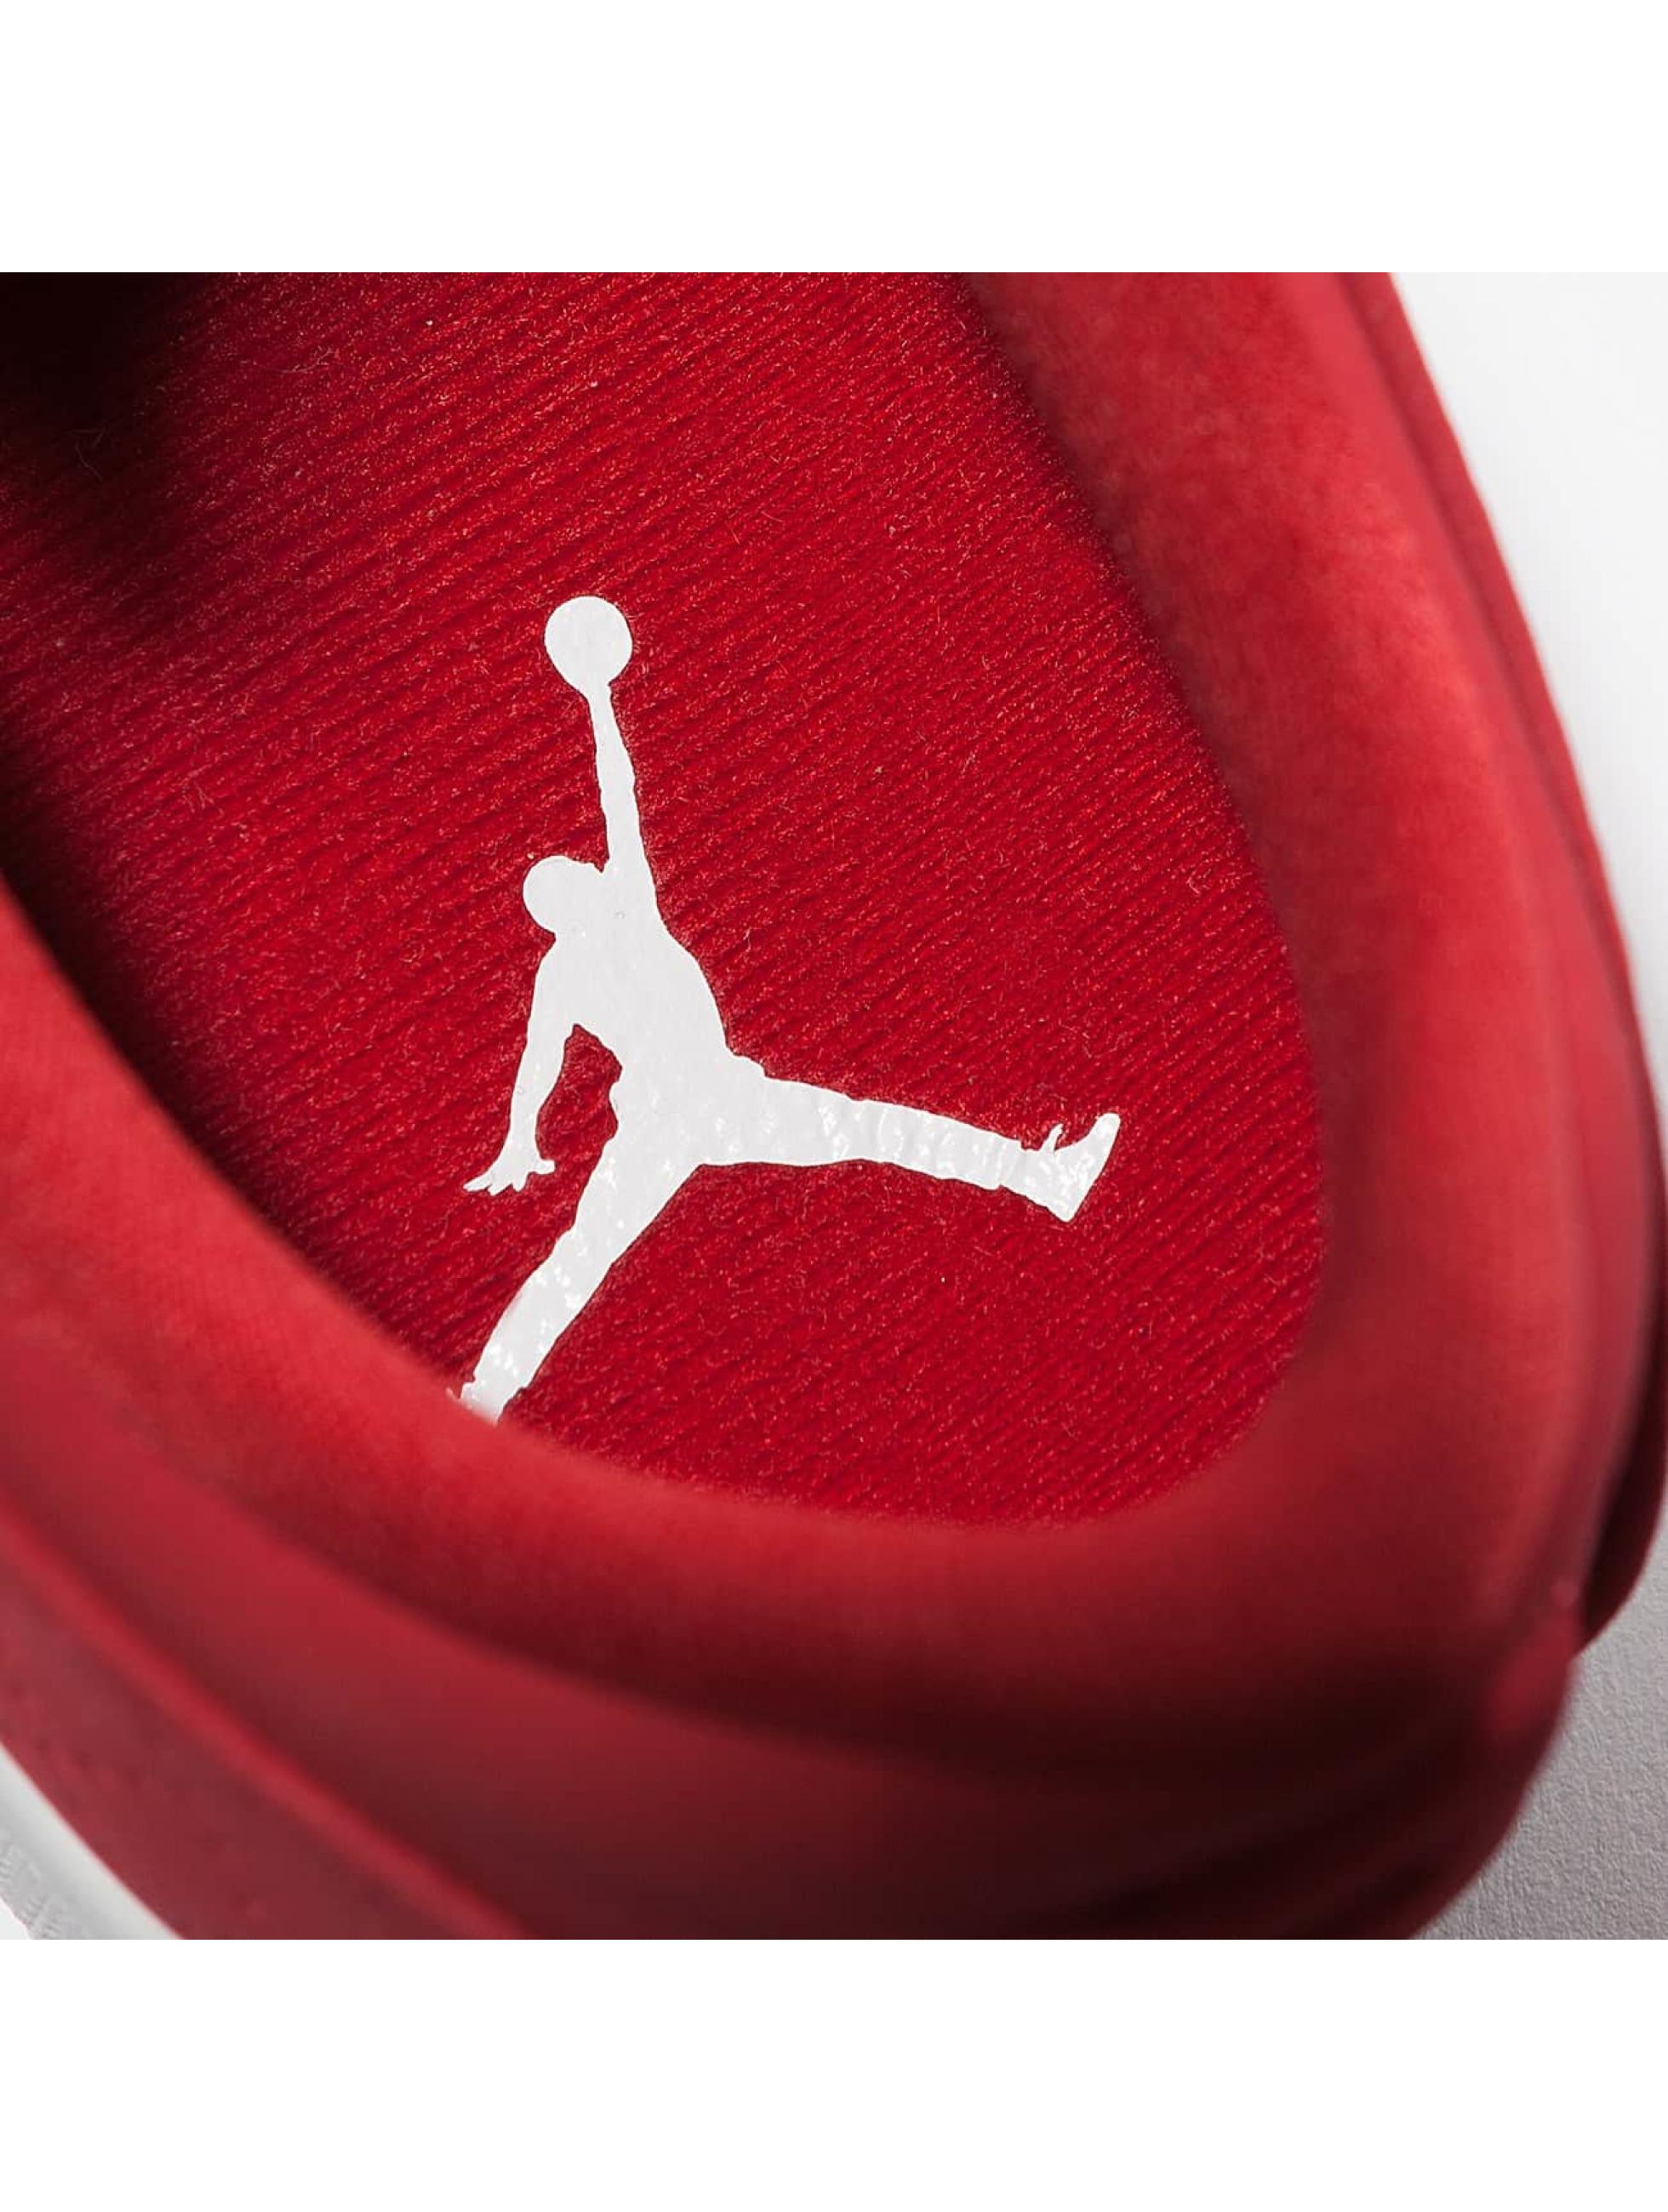 Jordan Sneakers 1 Flight 5 Low red